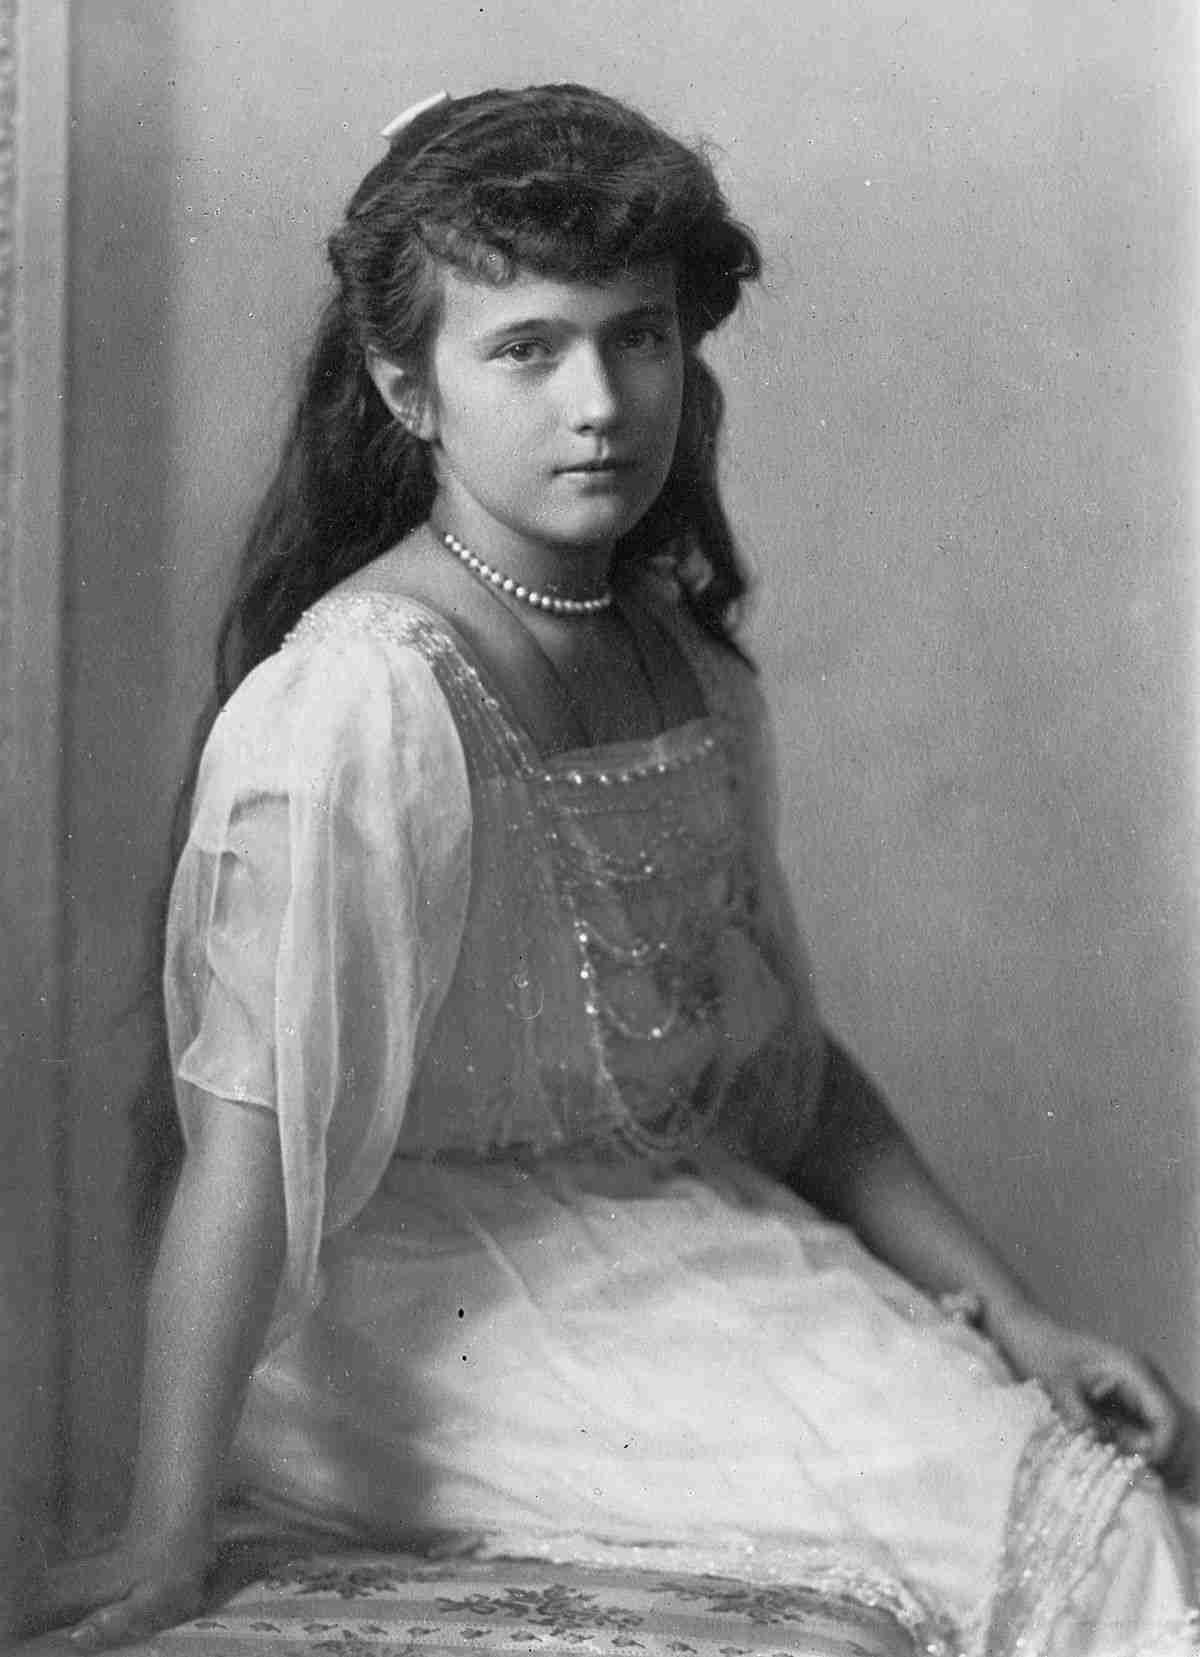 アナスタシア・ニコラエヴナ - Wikipedia